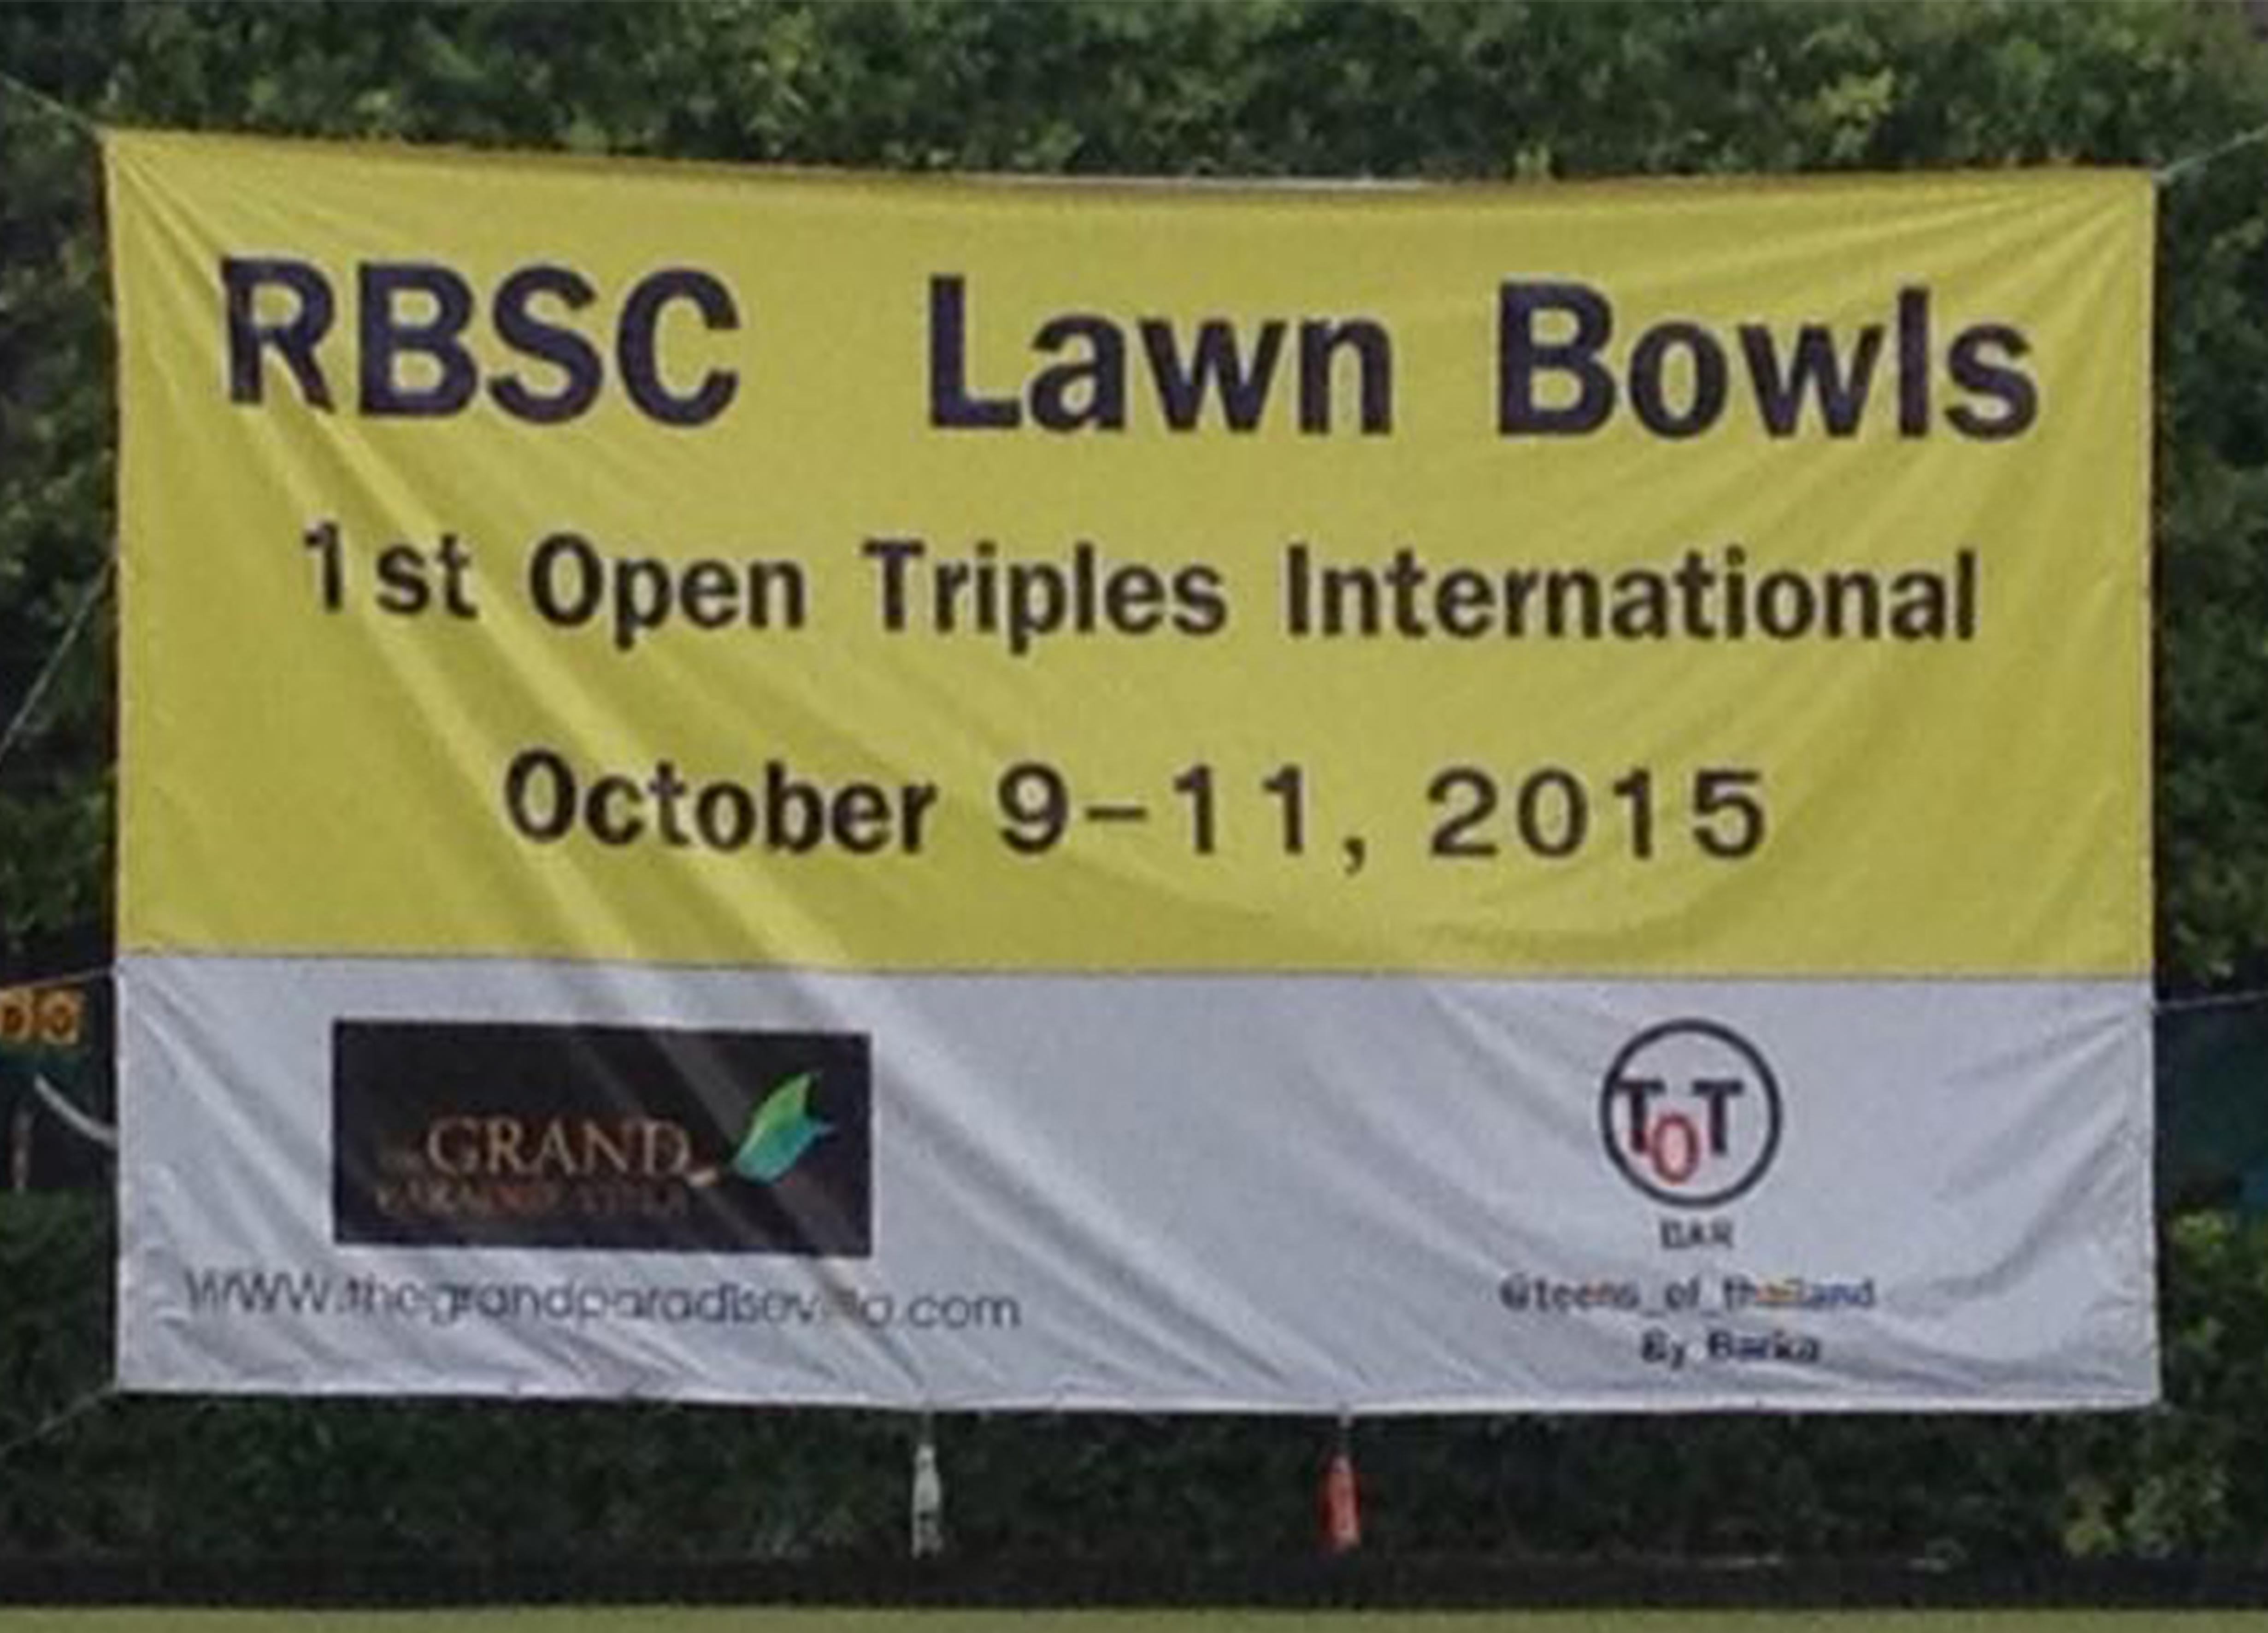 จัดส่งอาหารชุด งานRBSC Lawn Bowls International Bangkok